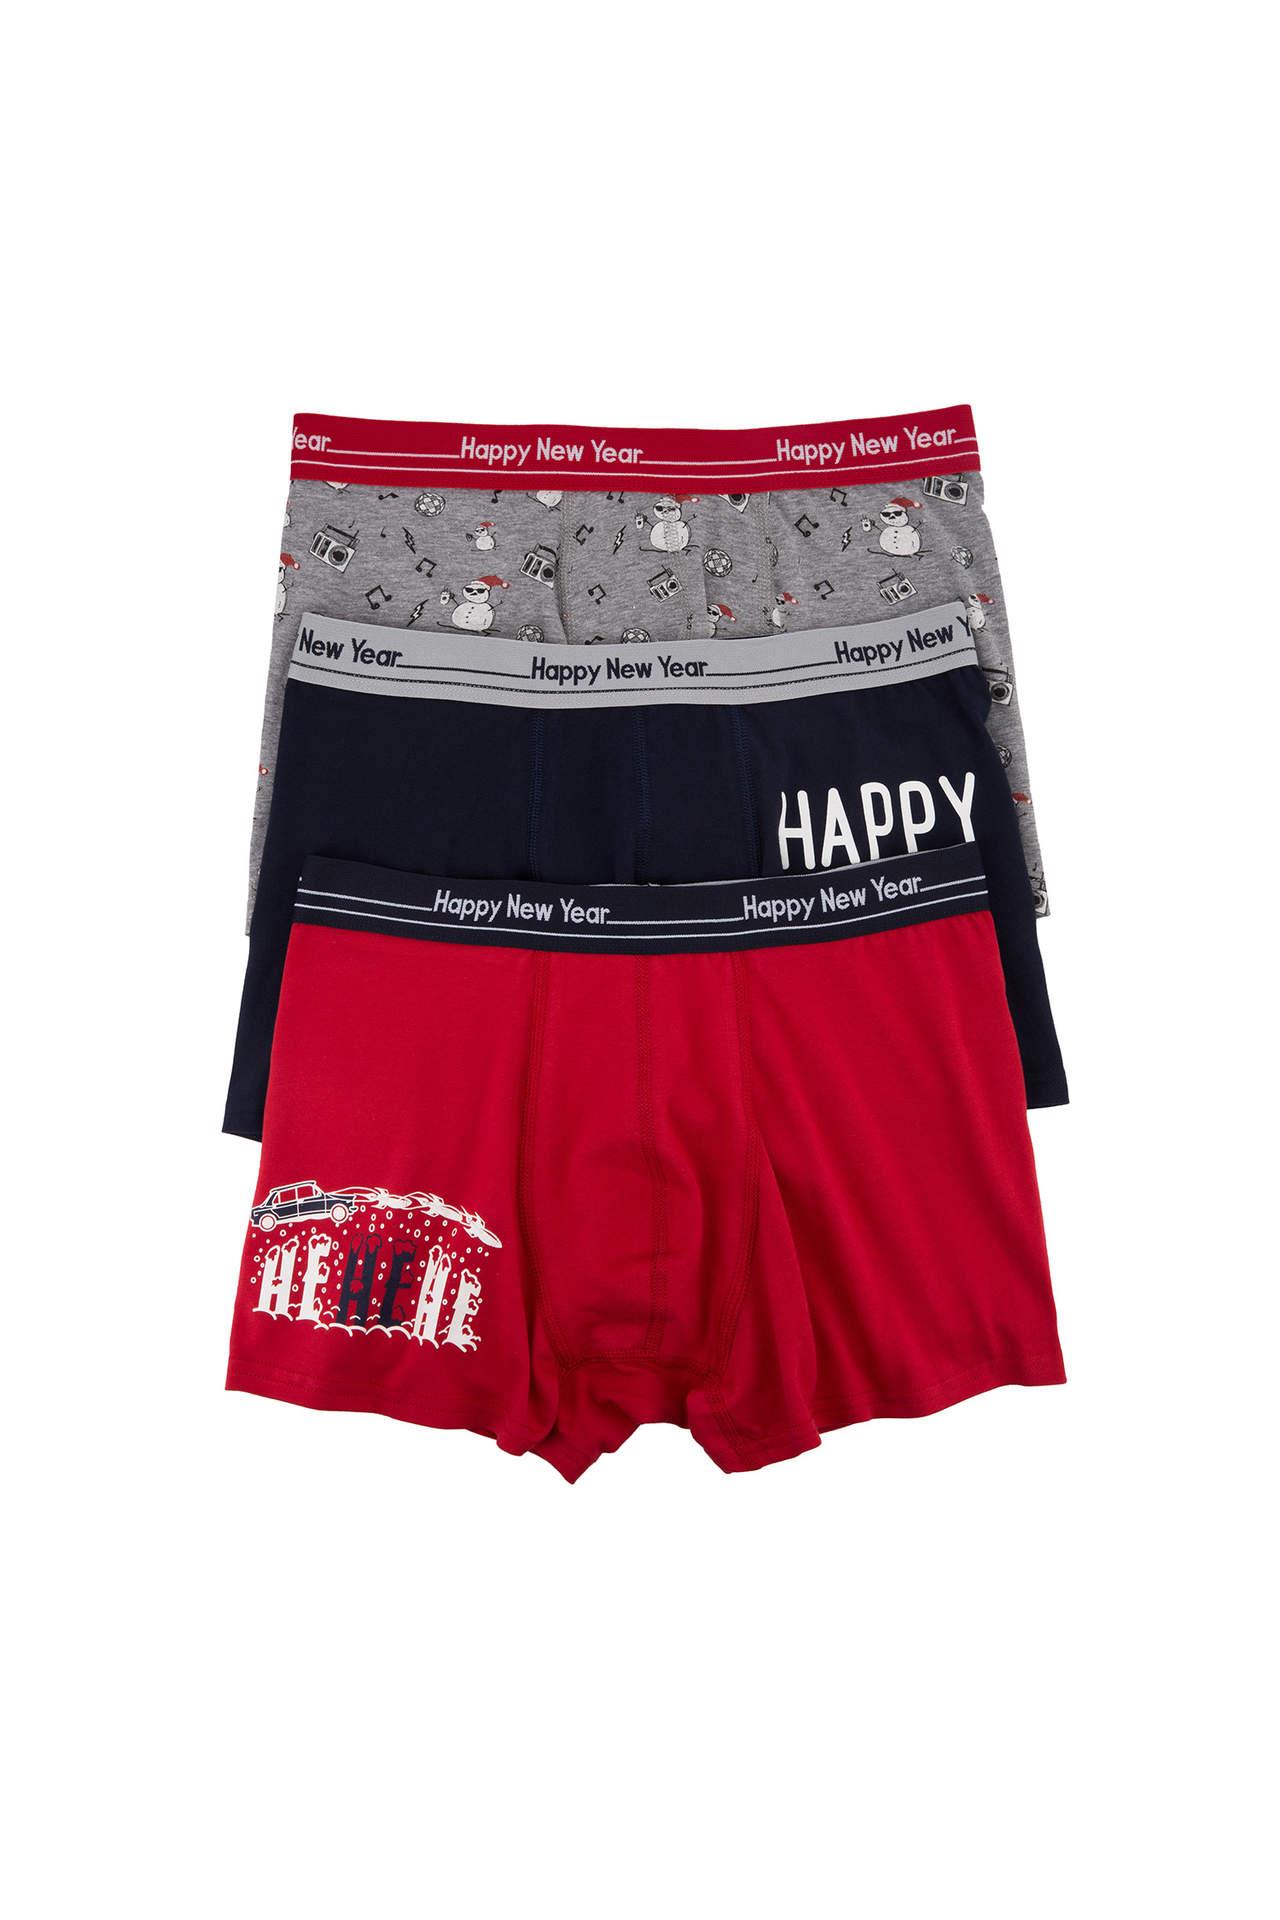 Yeni Yıl Temalı 3'lü Boxer İç Çamaşırı